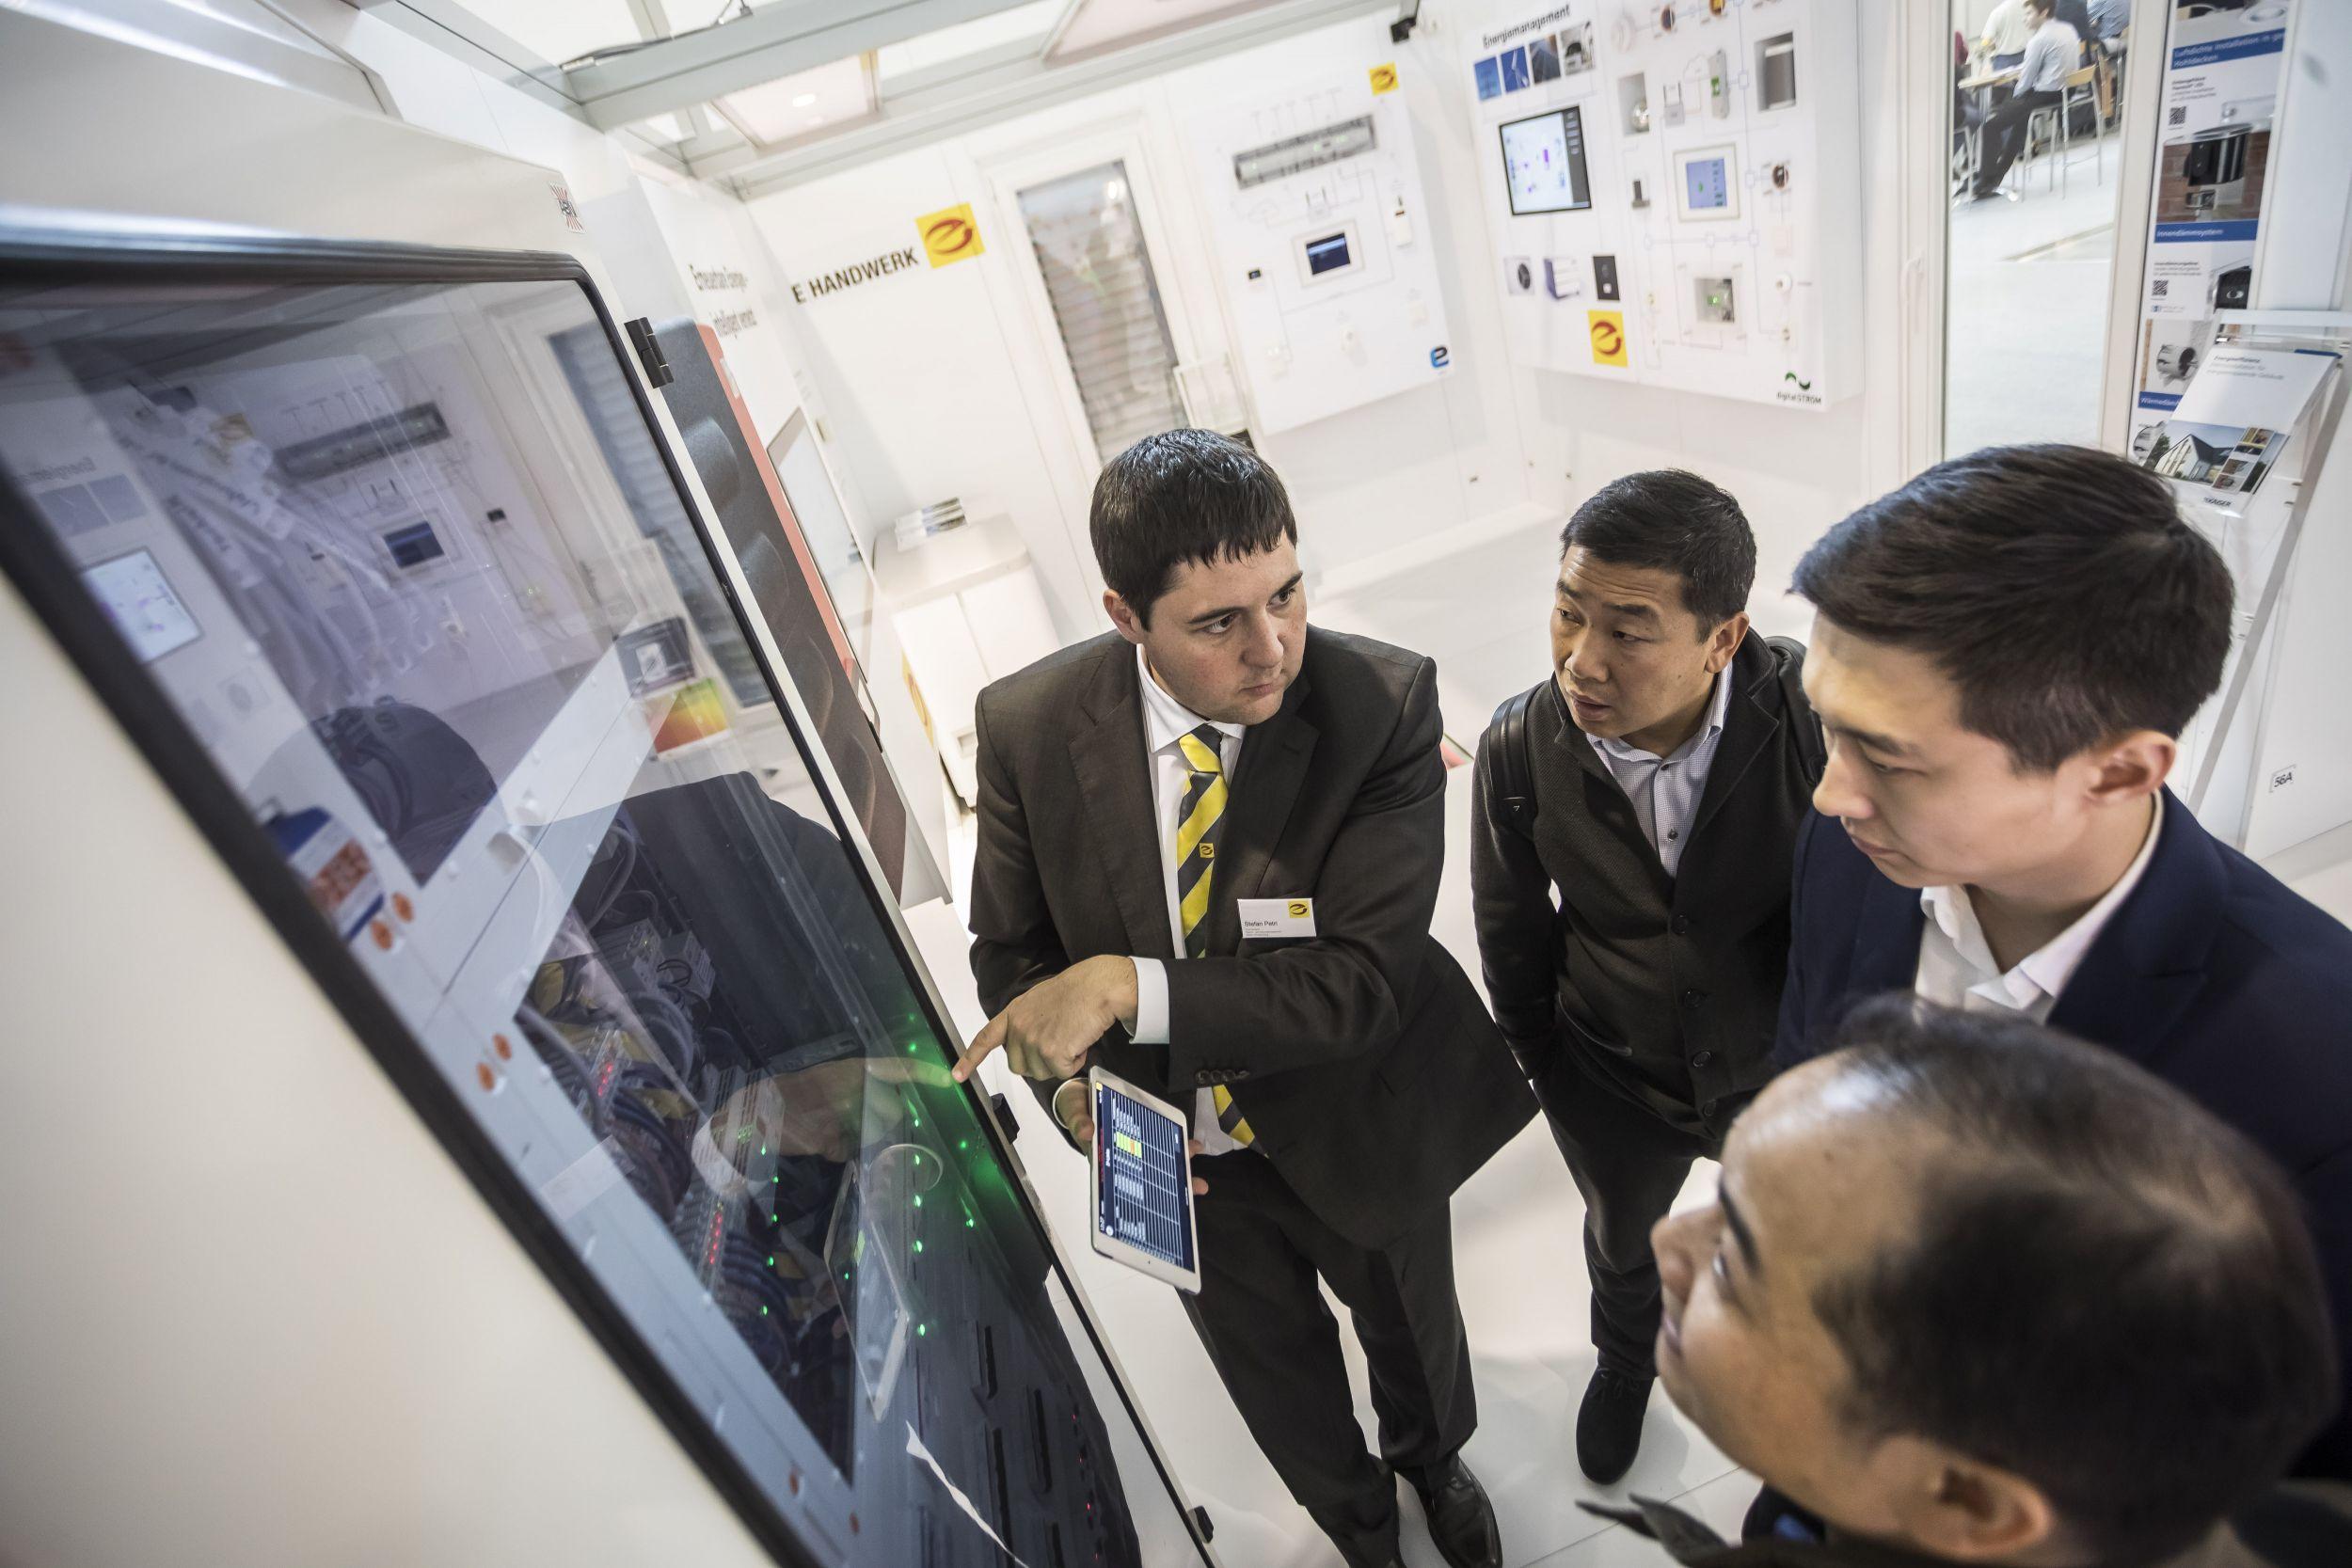 Eltefa baut Position als größte Landesmesse der Elektrobranche aus